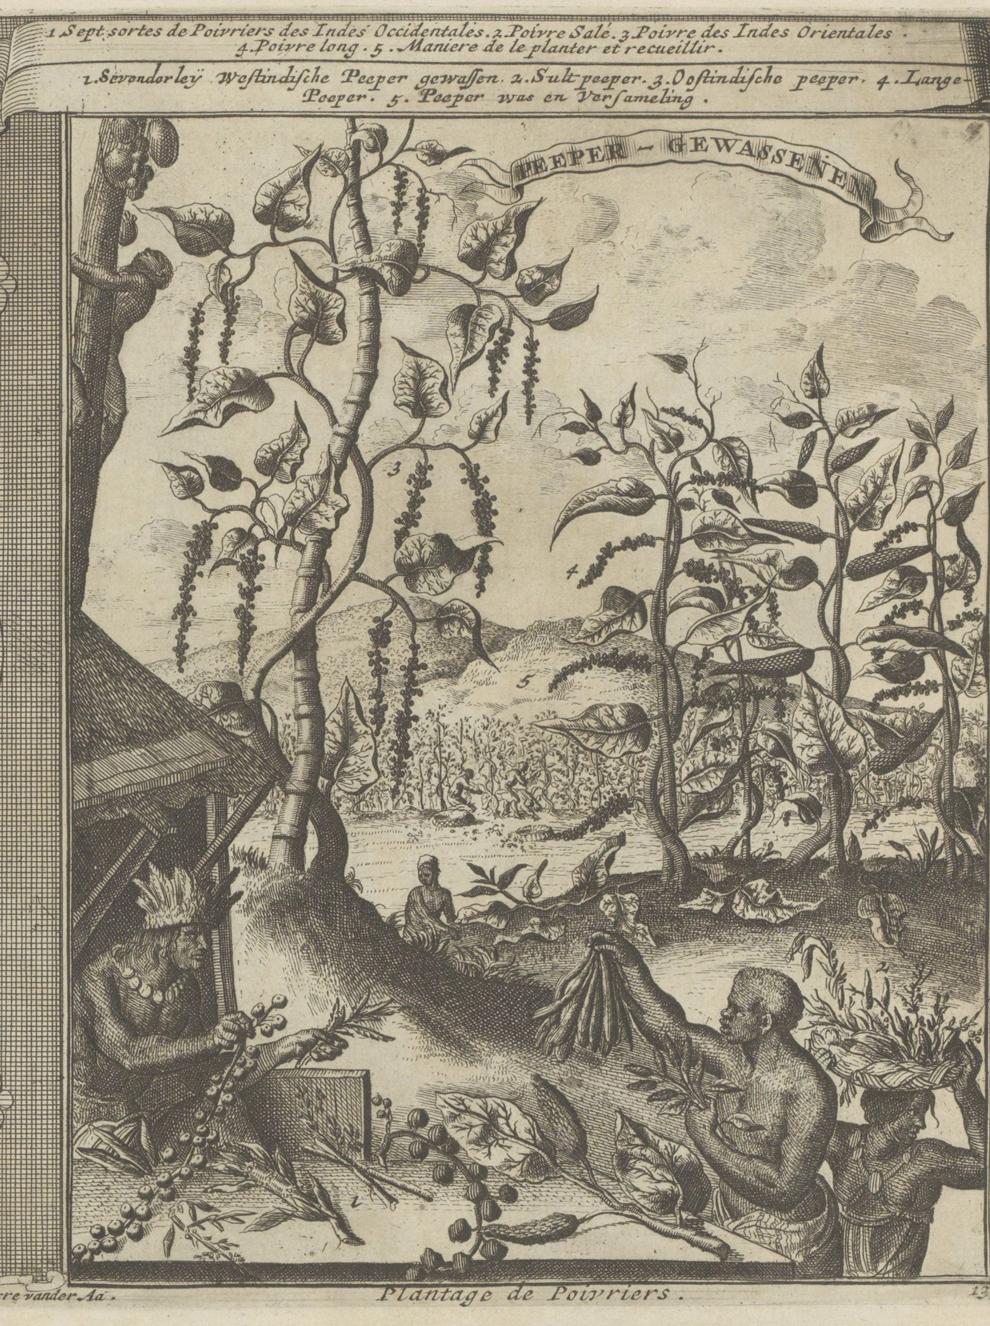 Pepervelden, Romeyn de Hooghe, 1682-1733, Rijksmuseum